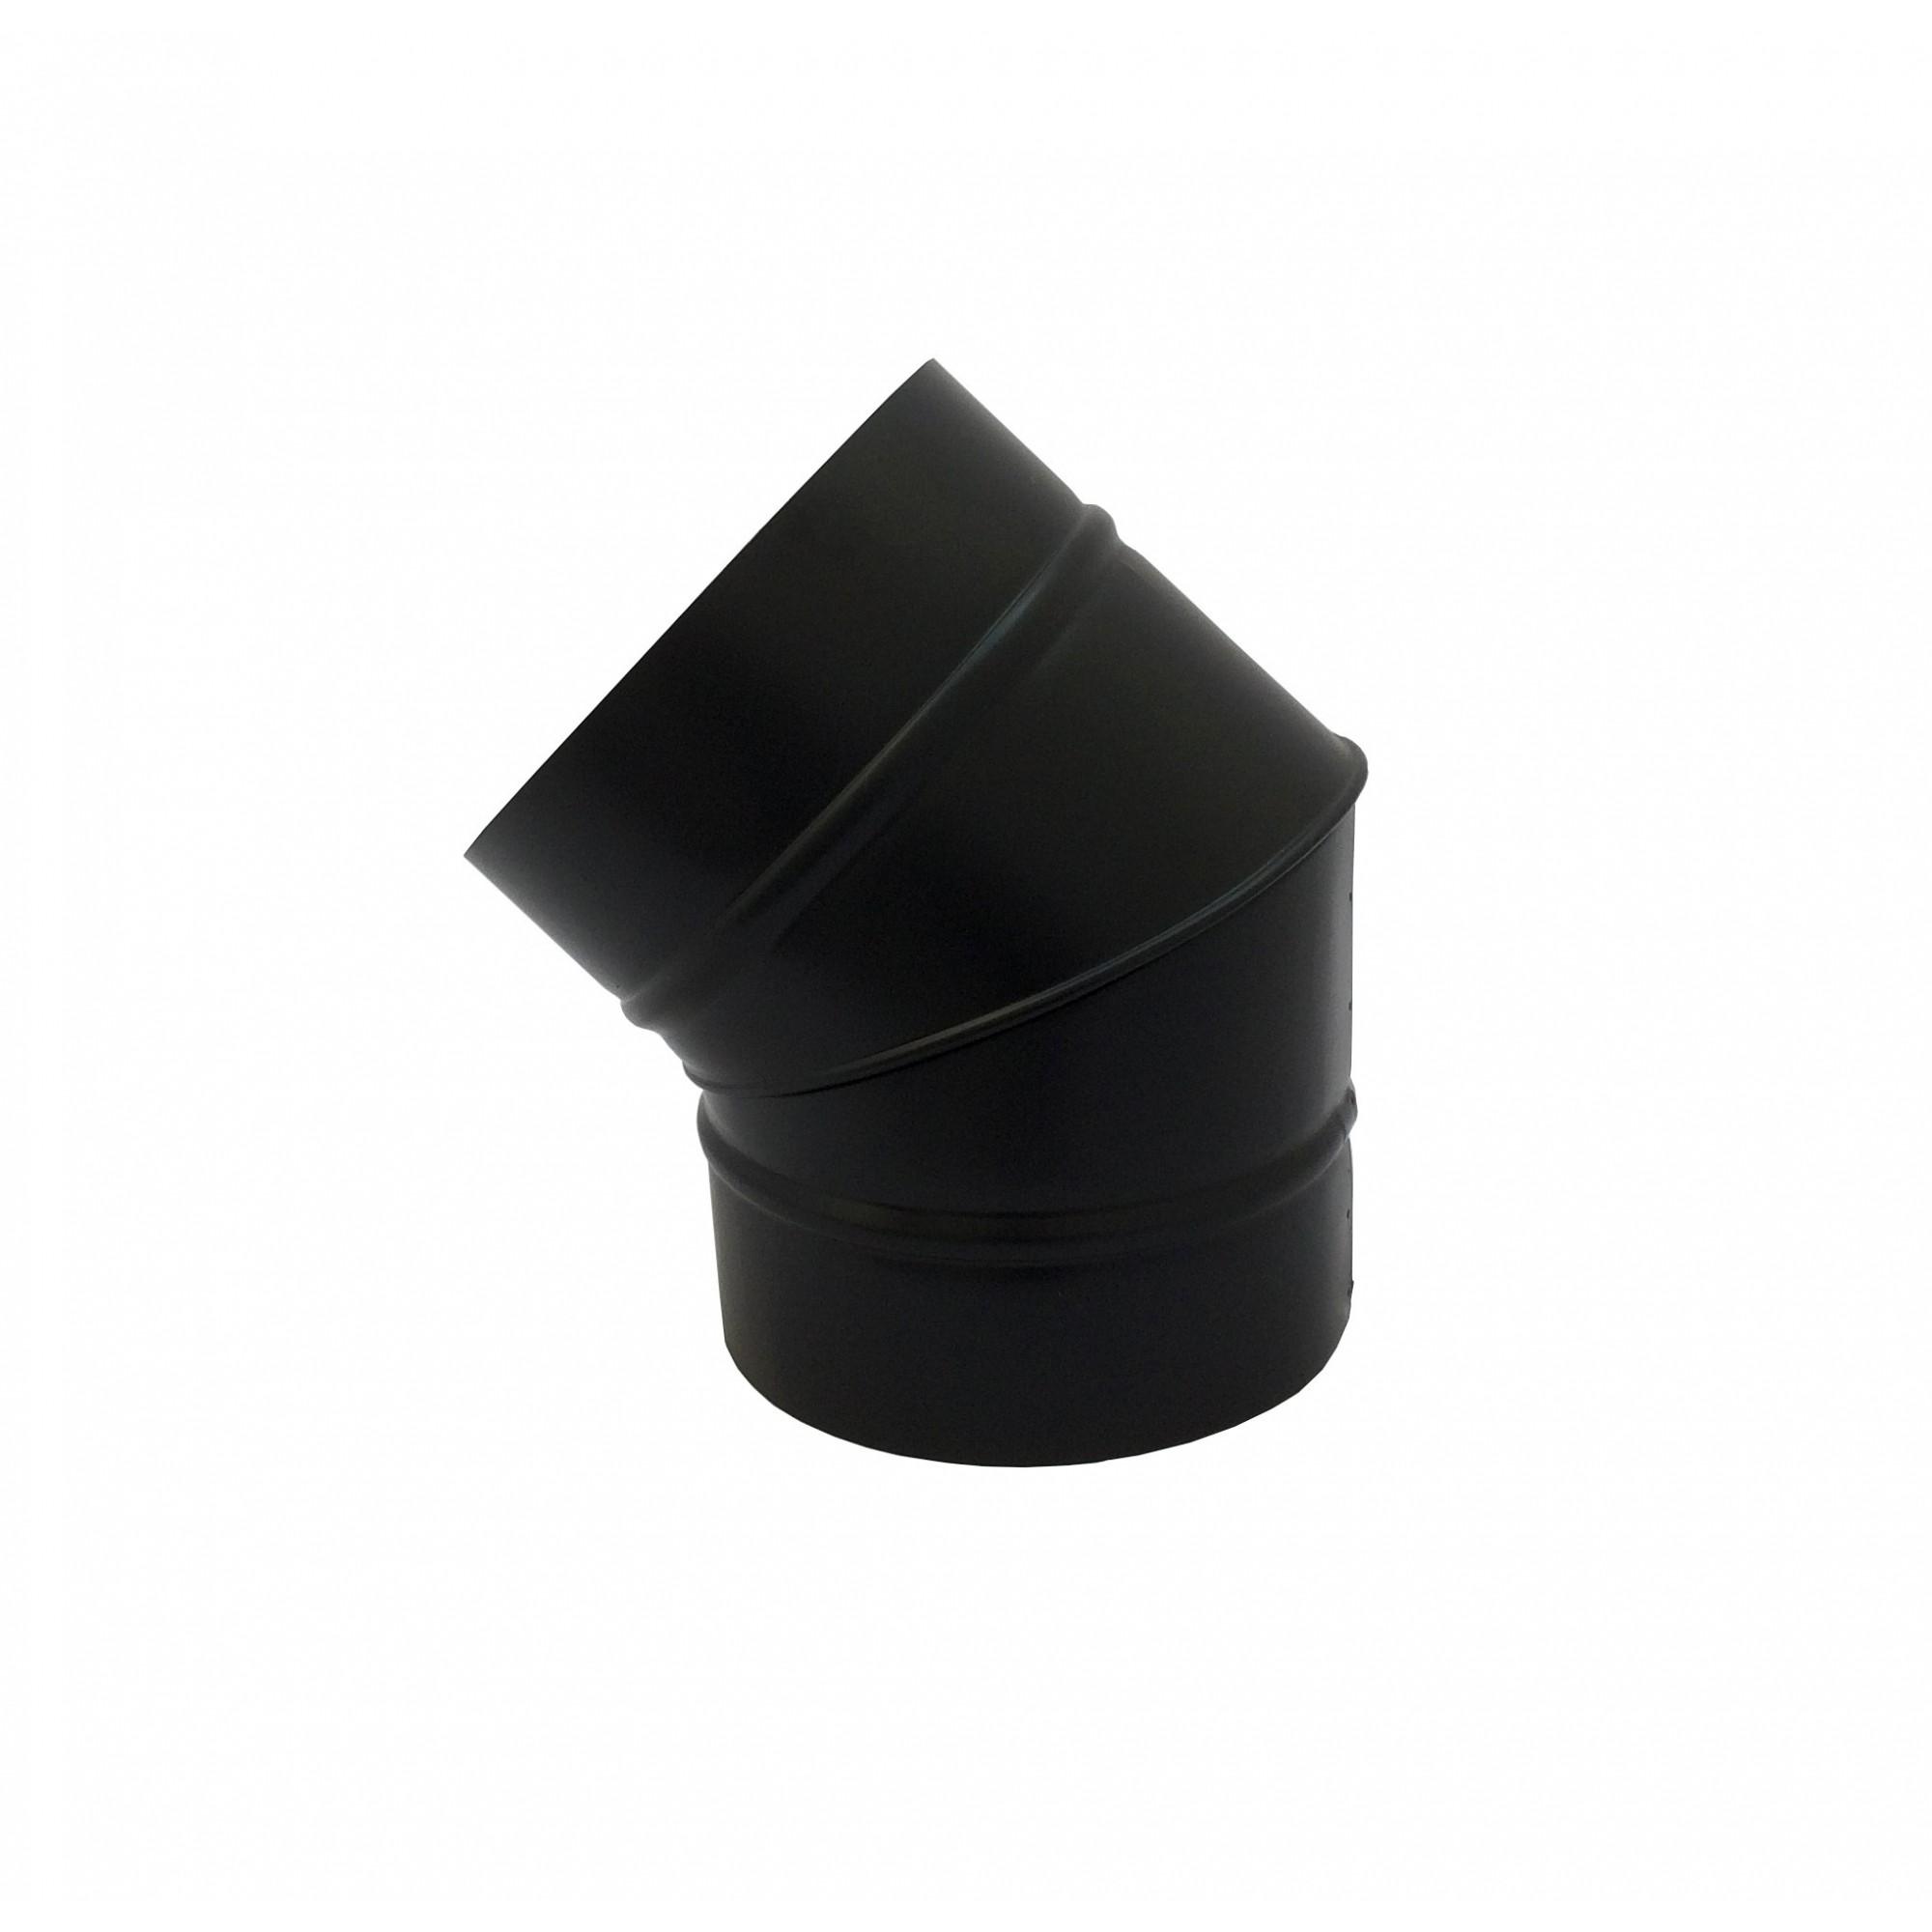 Coifas e duto preto de 200mm  - Galvocalhas